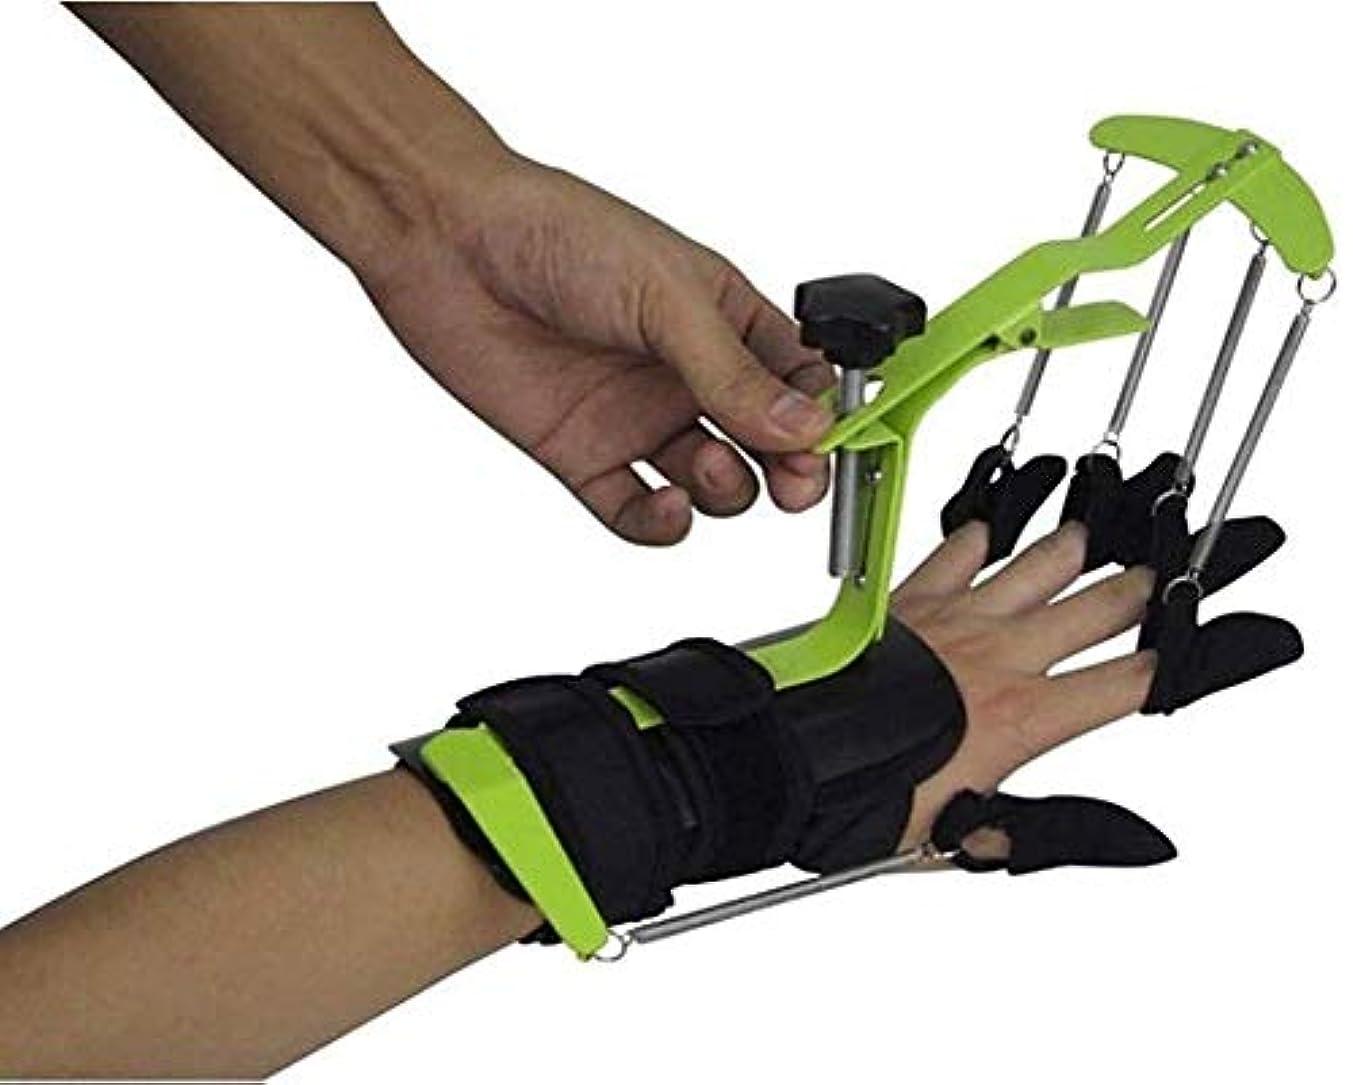 全部会話型作業指の変形や破損指ナックル固定化のためのフィンガートレーニング機器フィンガー矯正ブレースガードプロテクターリハビリトレーニングデバイス動的フィンガースプリント、指のトレーニングデバイスフィンガースプリント